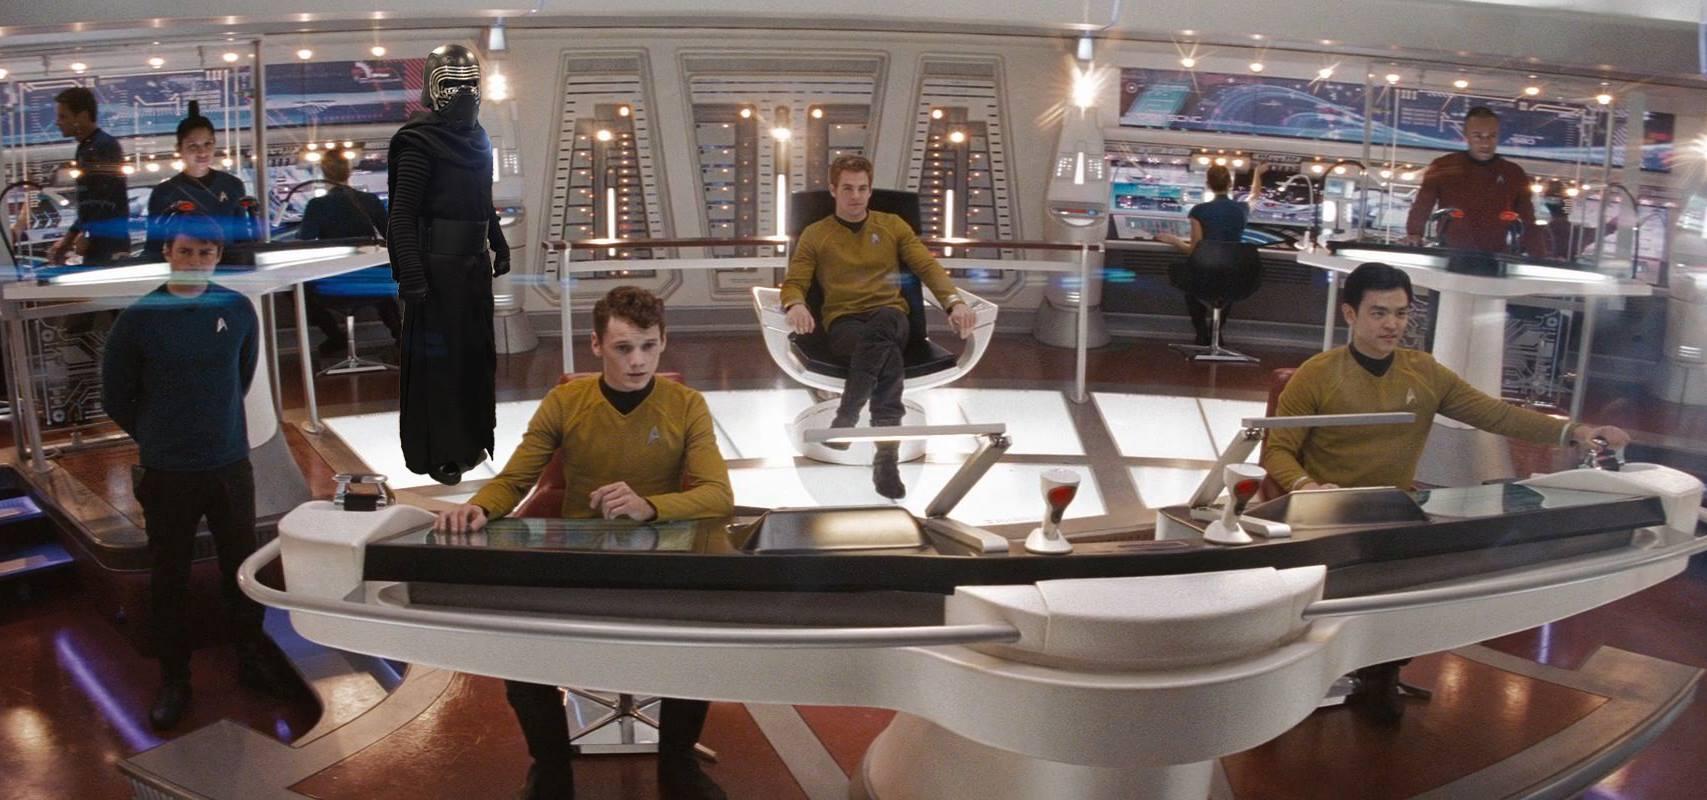 Kylo Ren on Star Trek